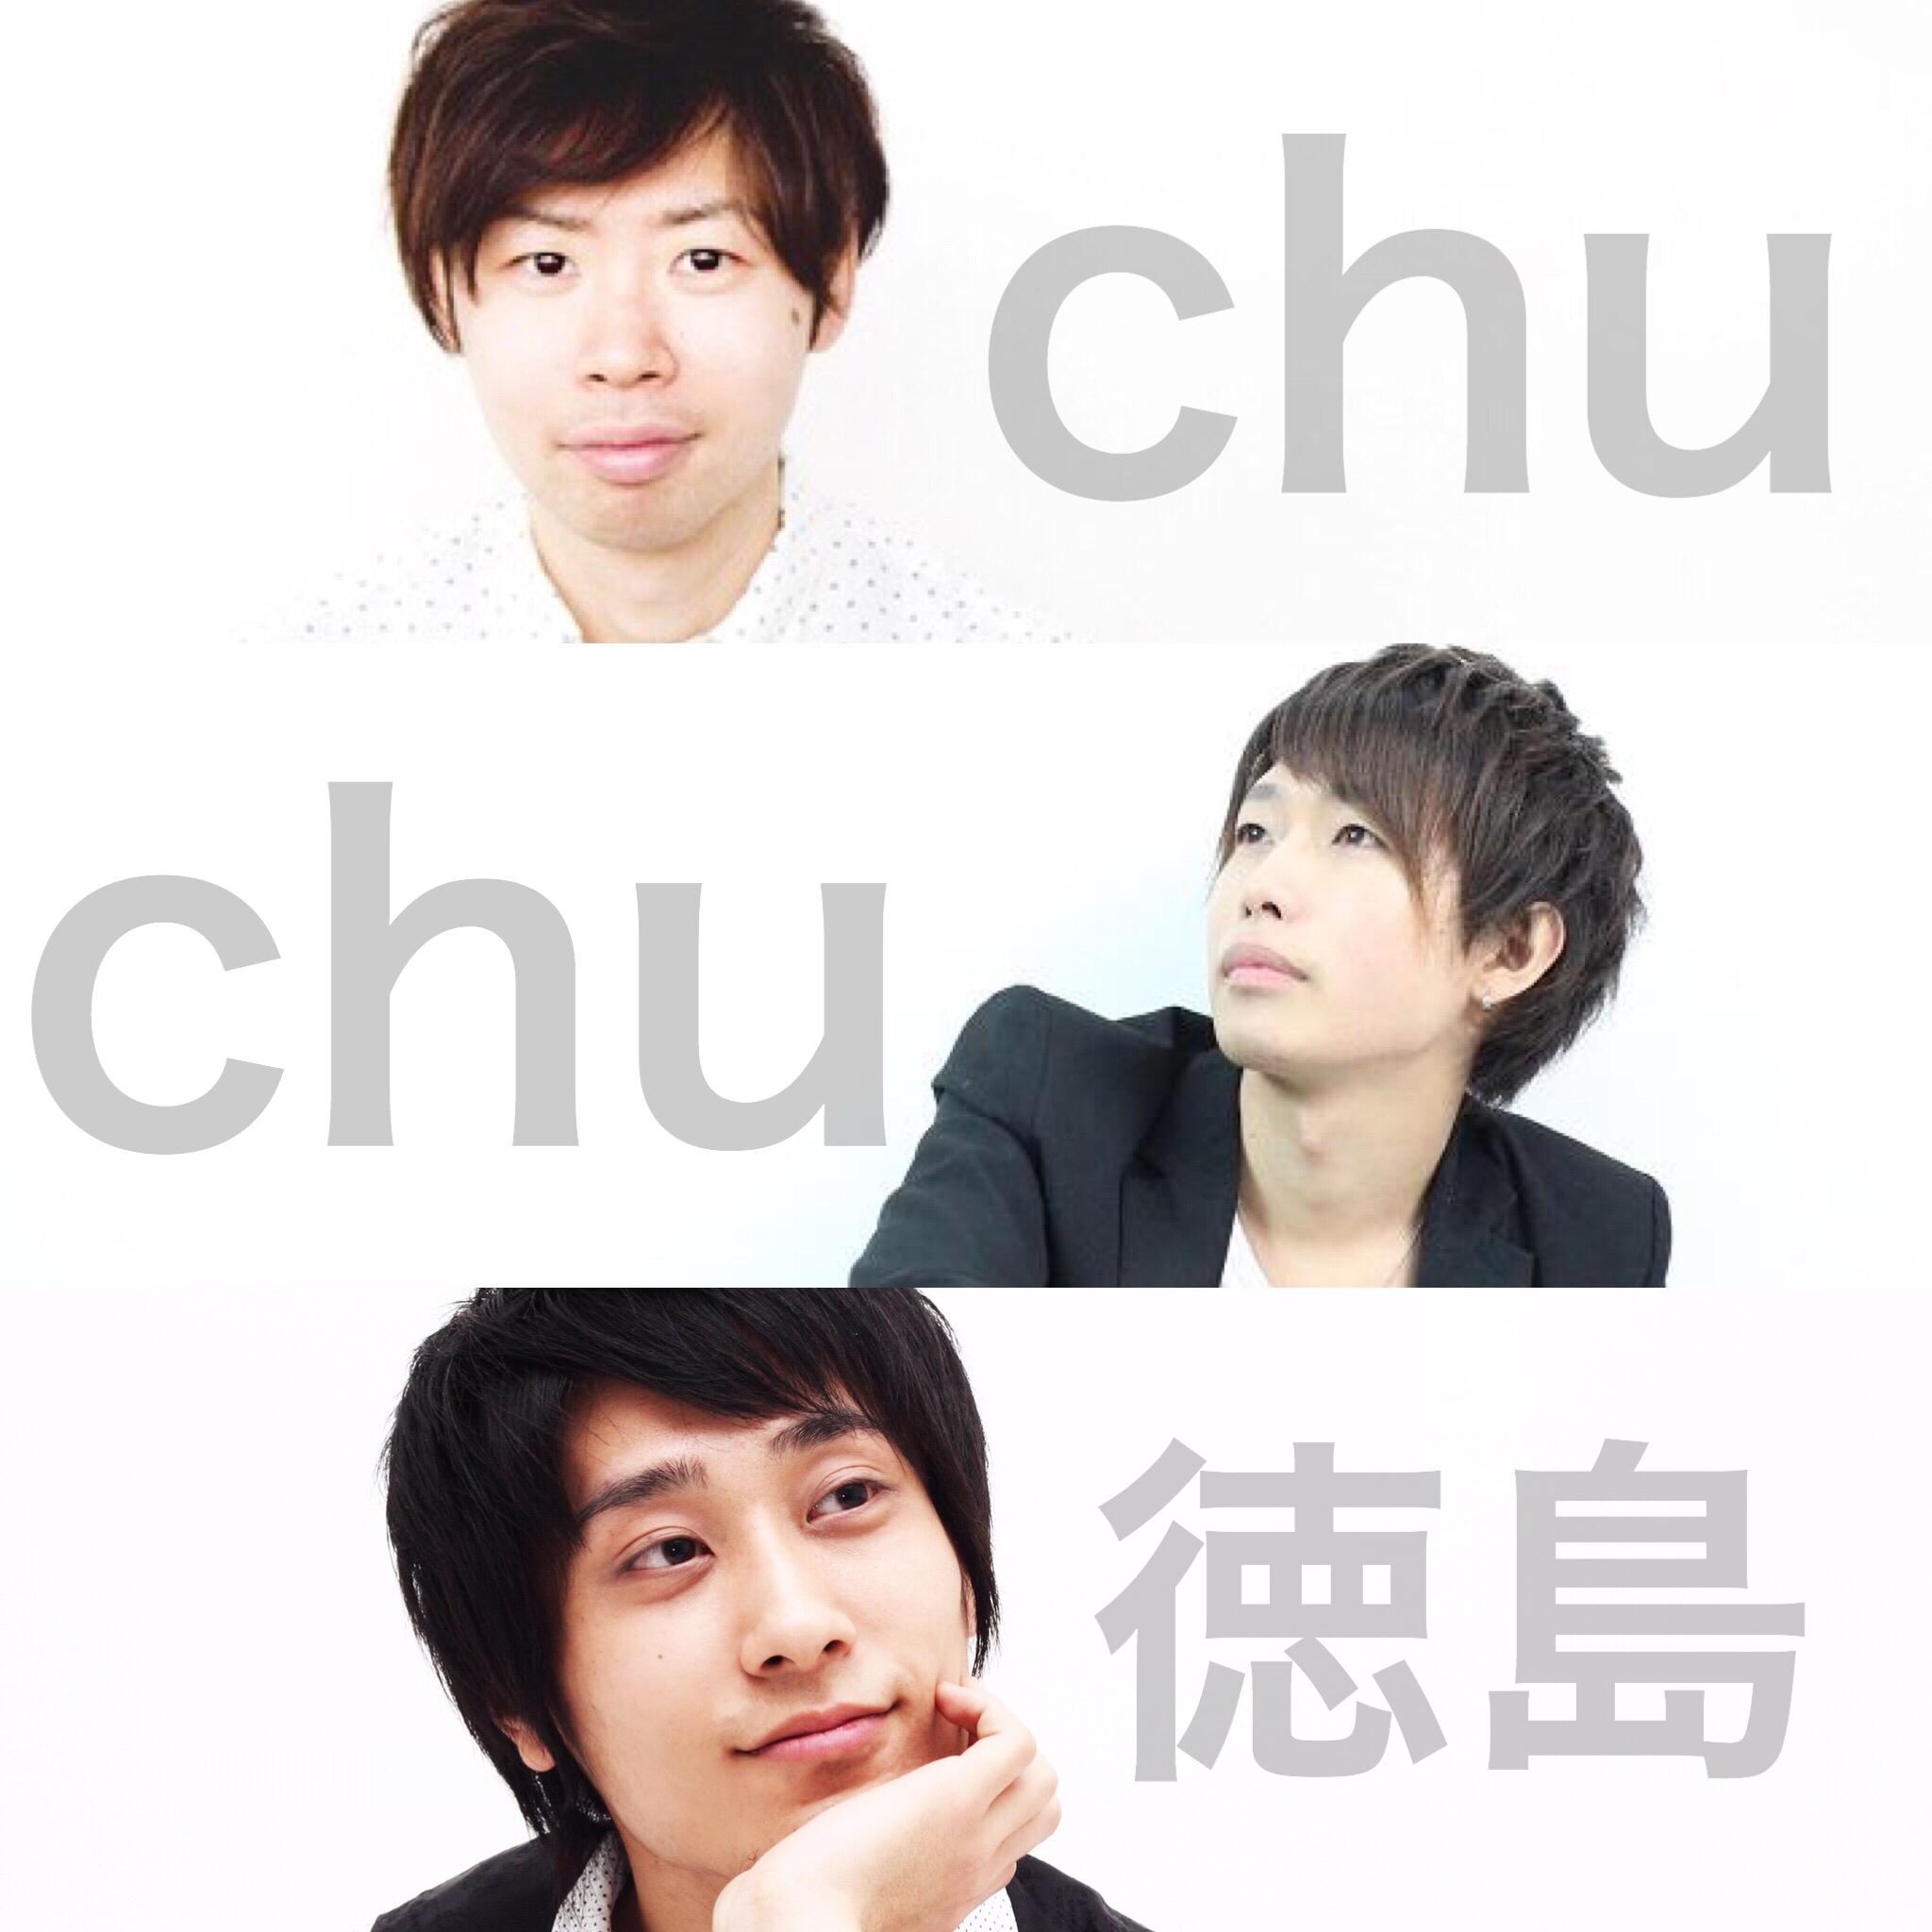 3/19(日)【徳島】信政誠 presents 3マンライブ ~Chu Chu TOKUSIMA~